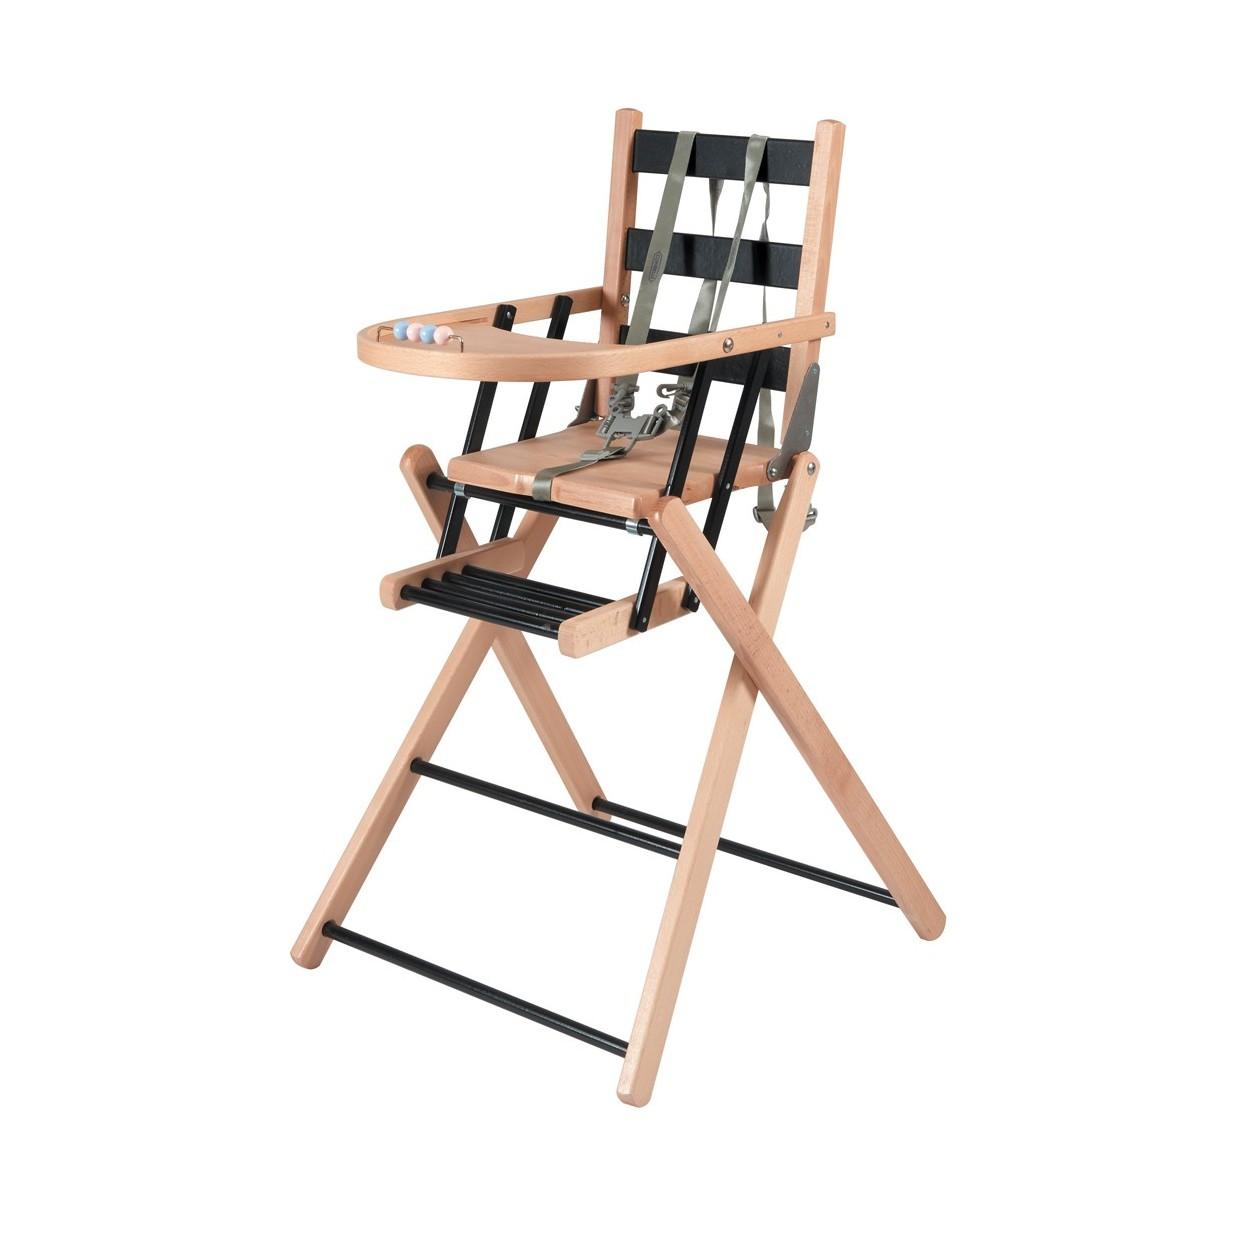 Chaise haute bébé pliante en bois  bicolore noir - 57x95 cm